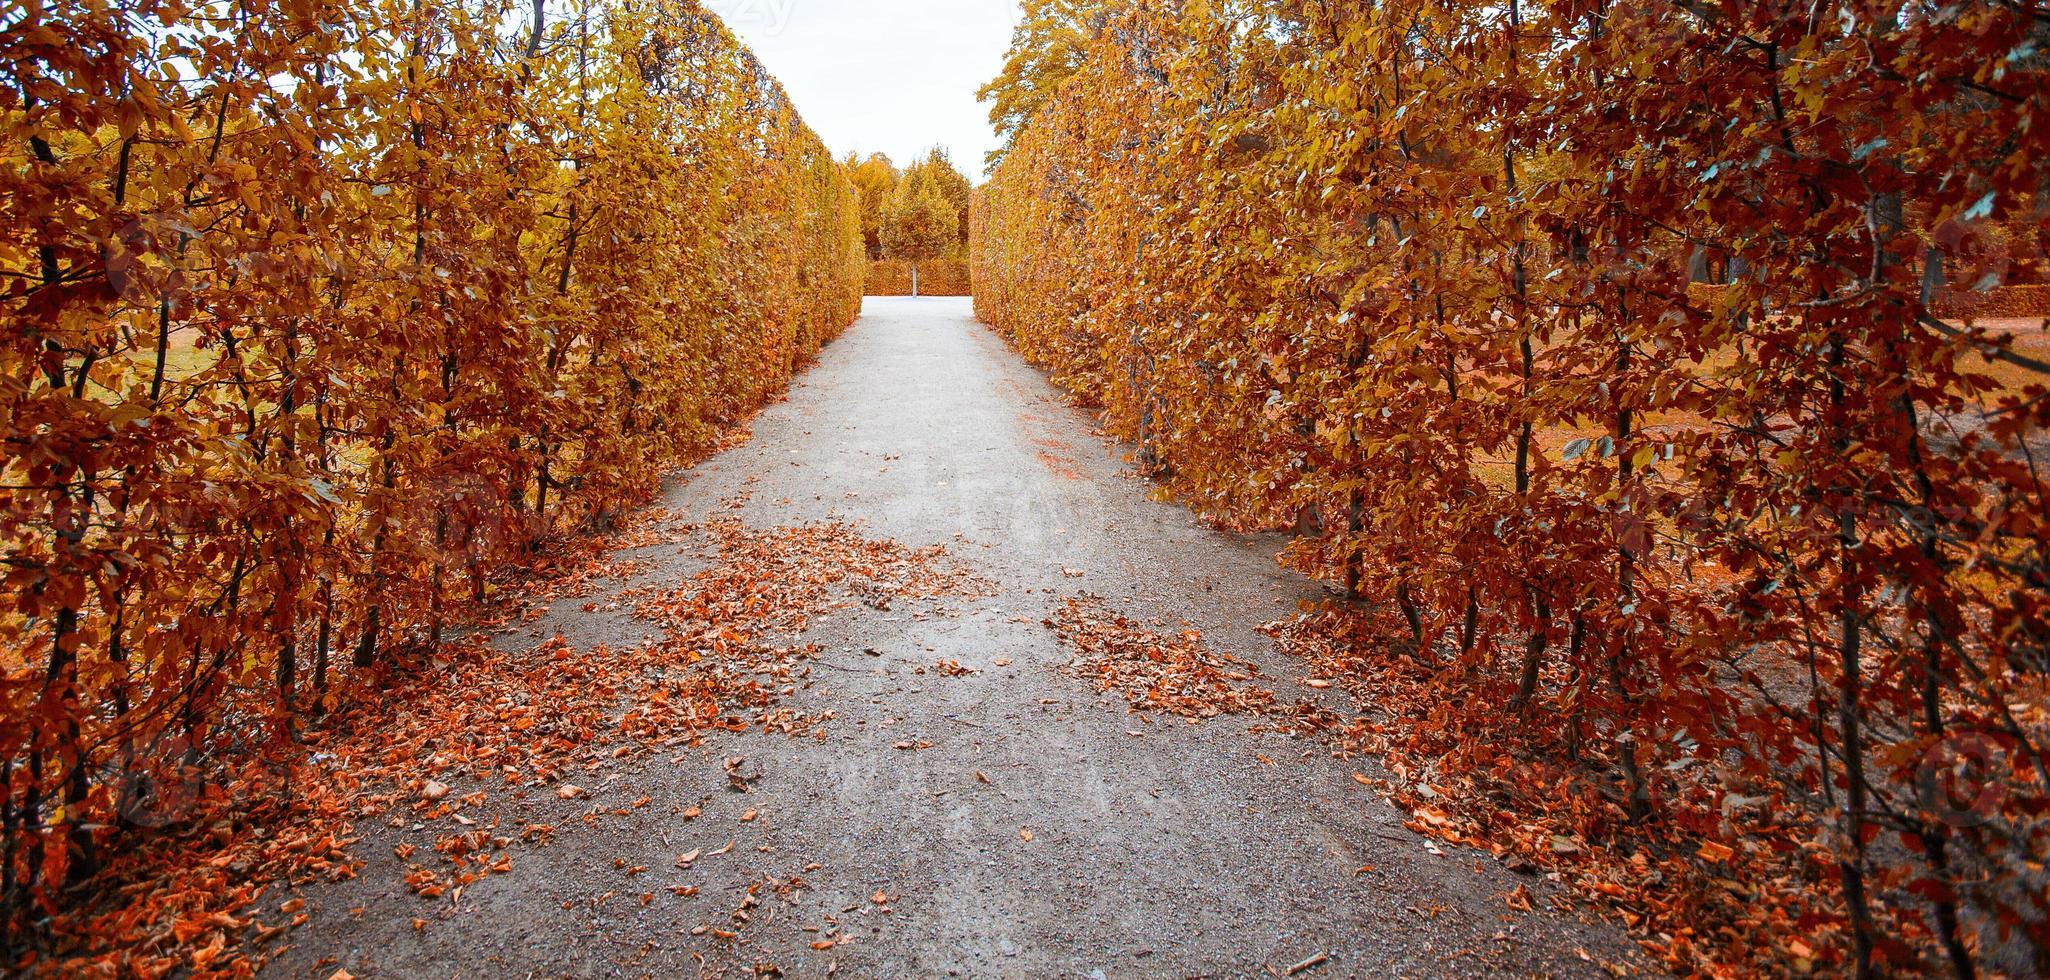 floresta de outono, floresta em cores de outono foto